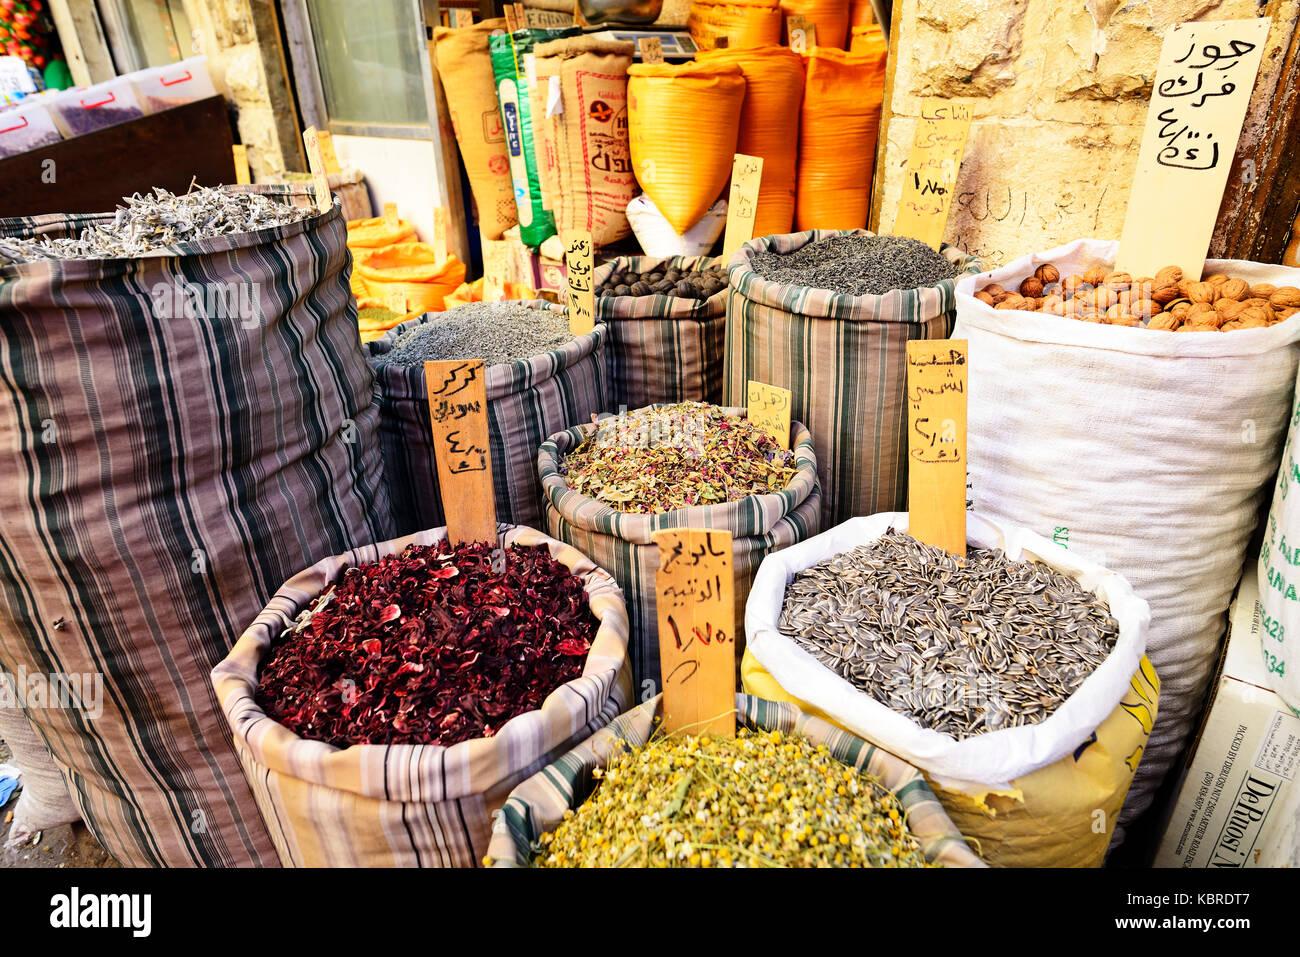 Les épices au marché, Amman, Jordanie Photo Stock